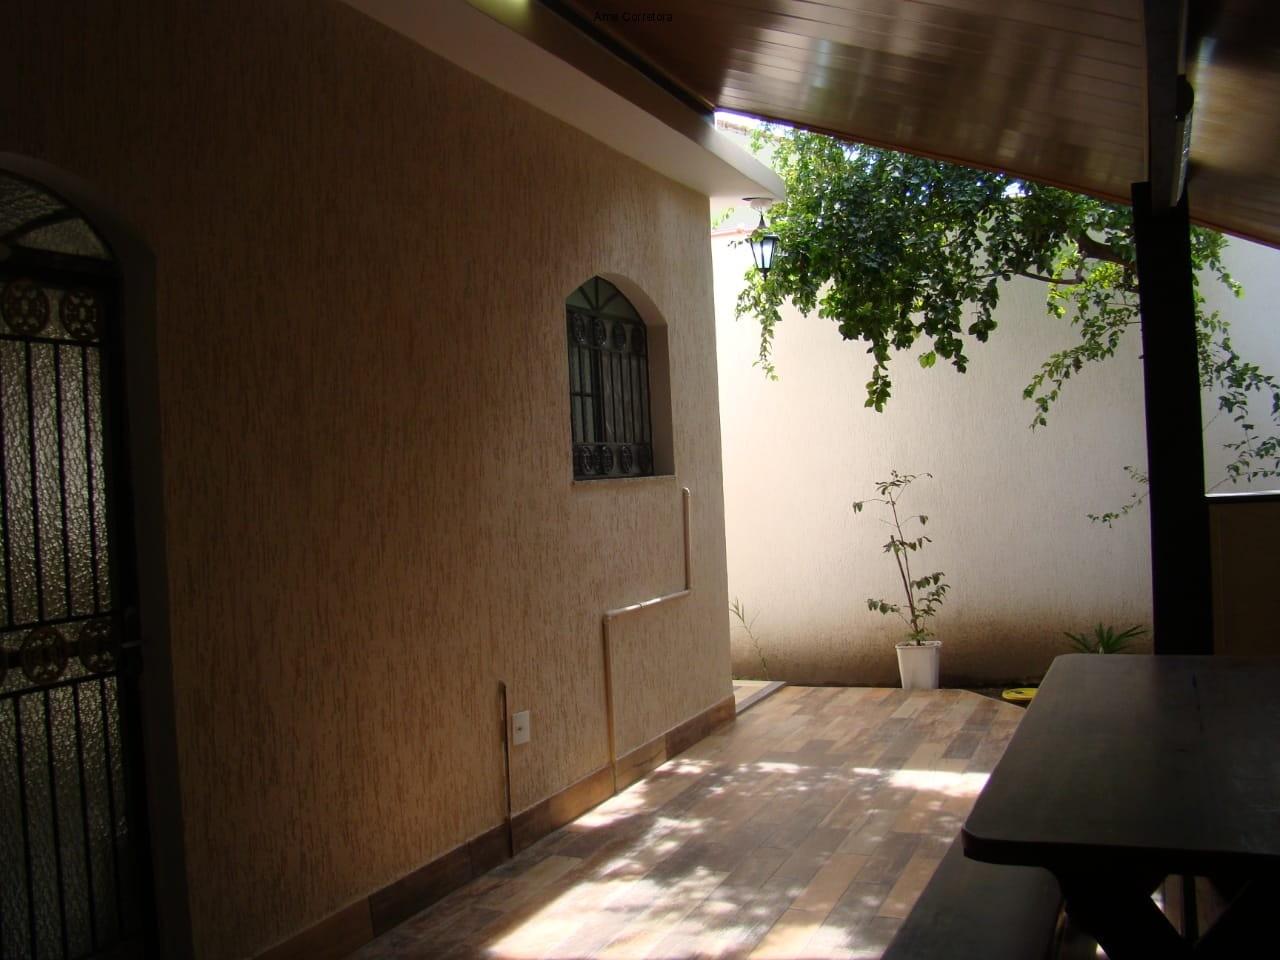 FOTO 27 - Casa 3 quartos à venda Guaratiba, Rio de Janeiro - R$ 350.000 - CA00784 - 28